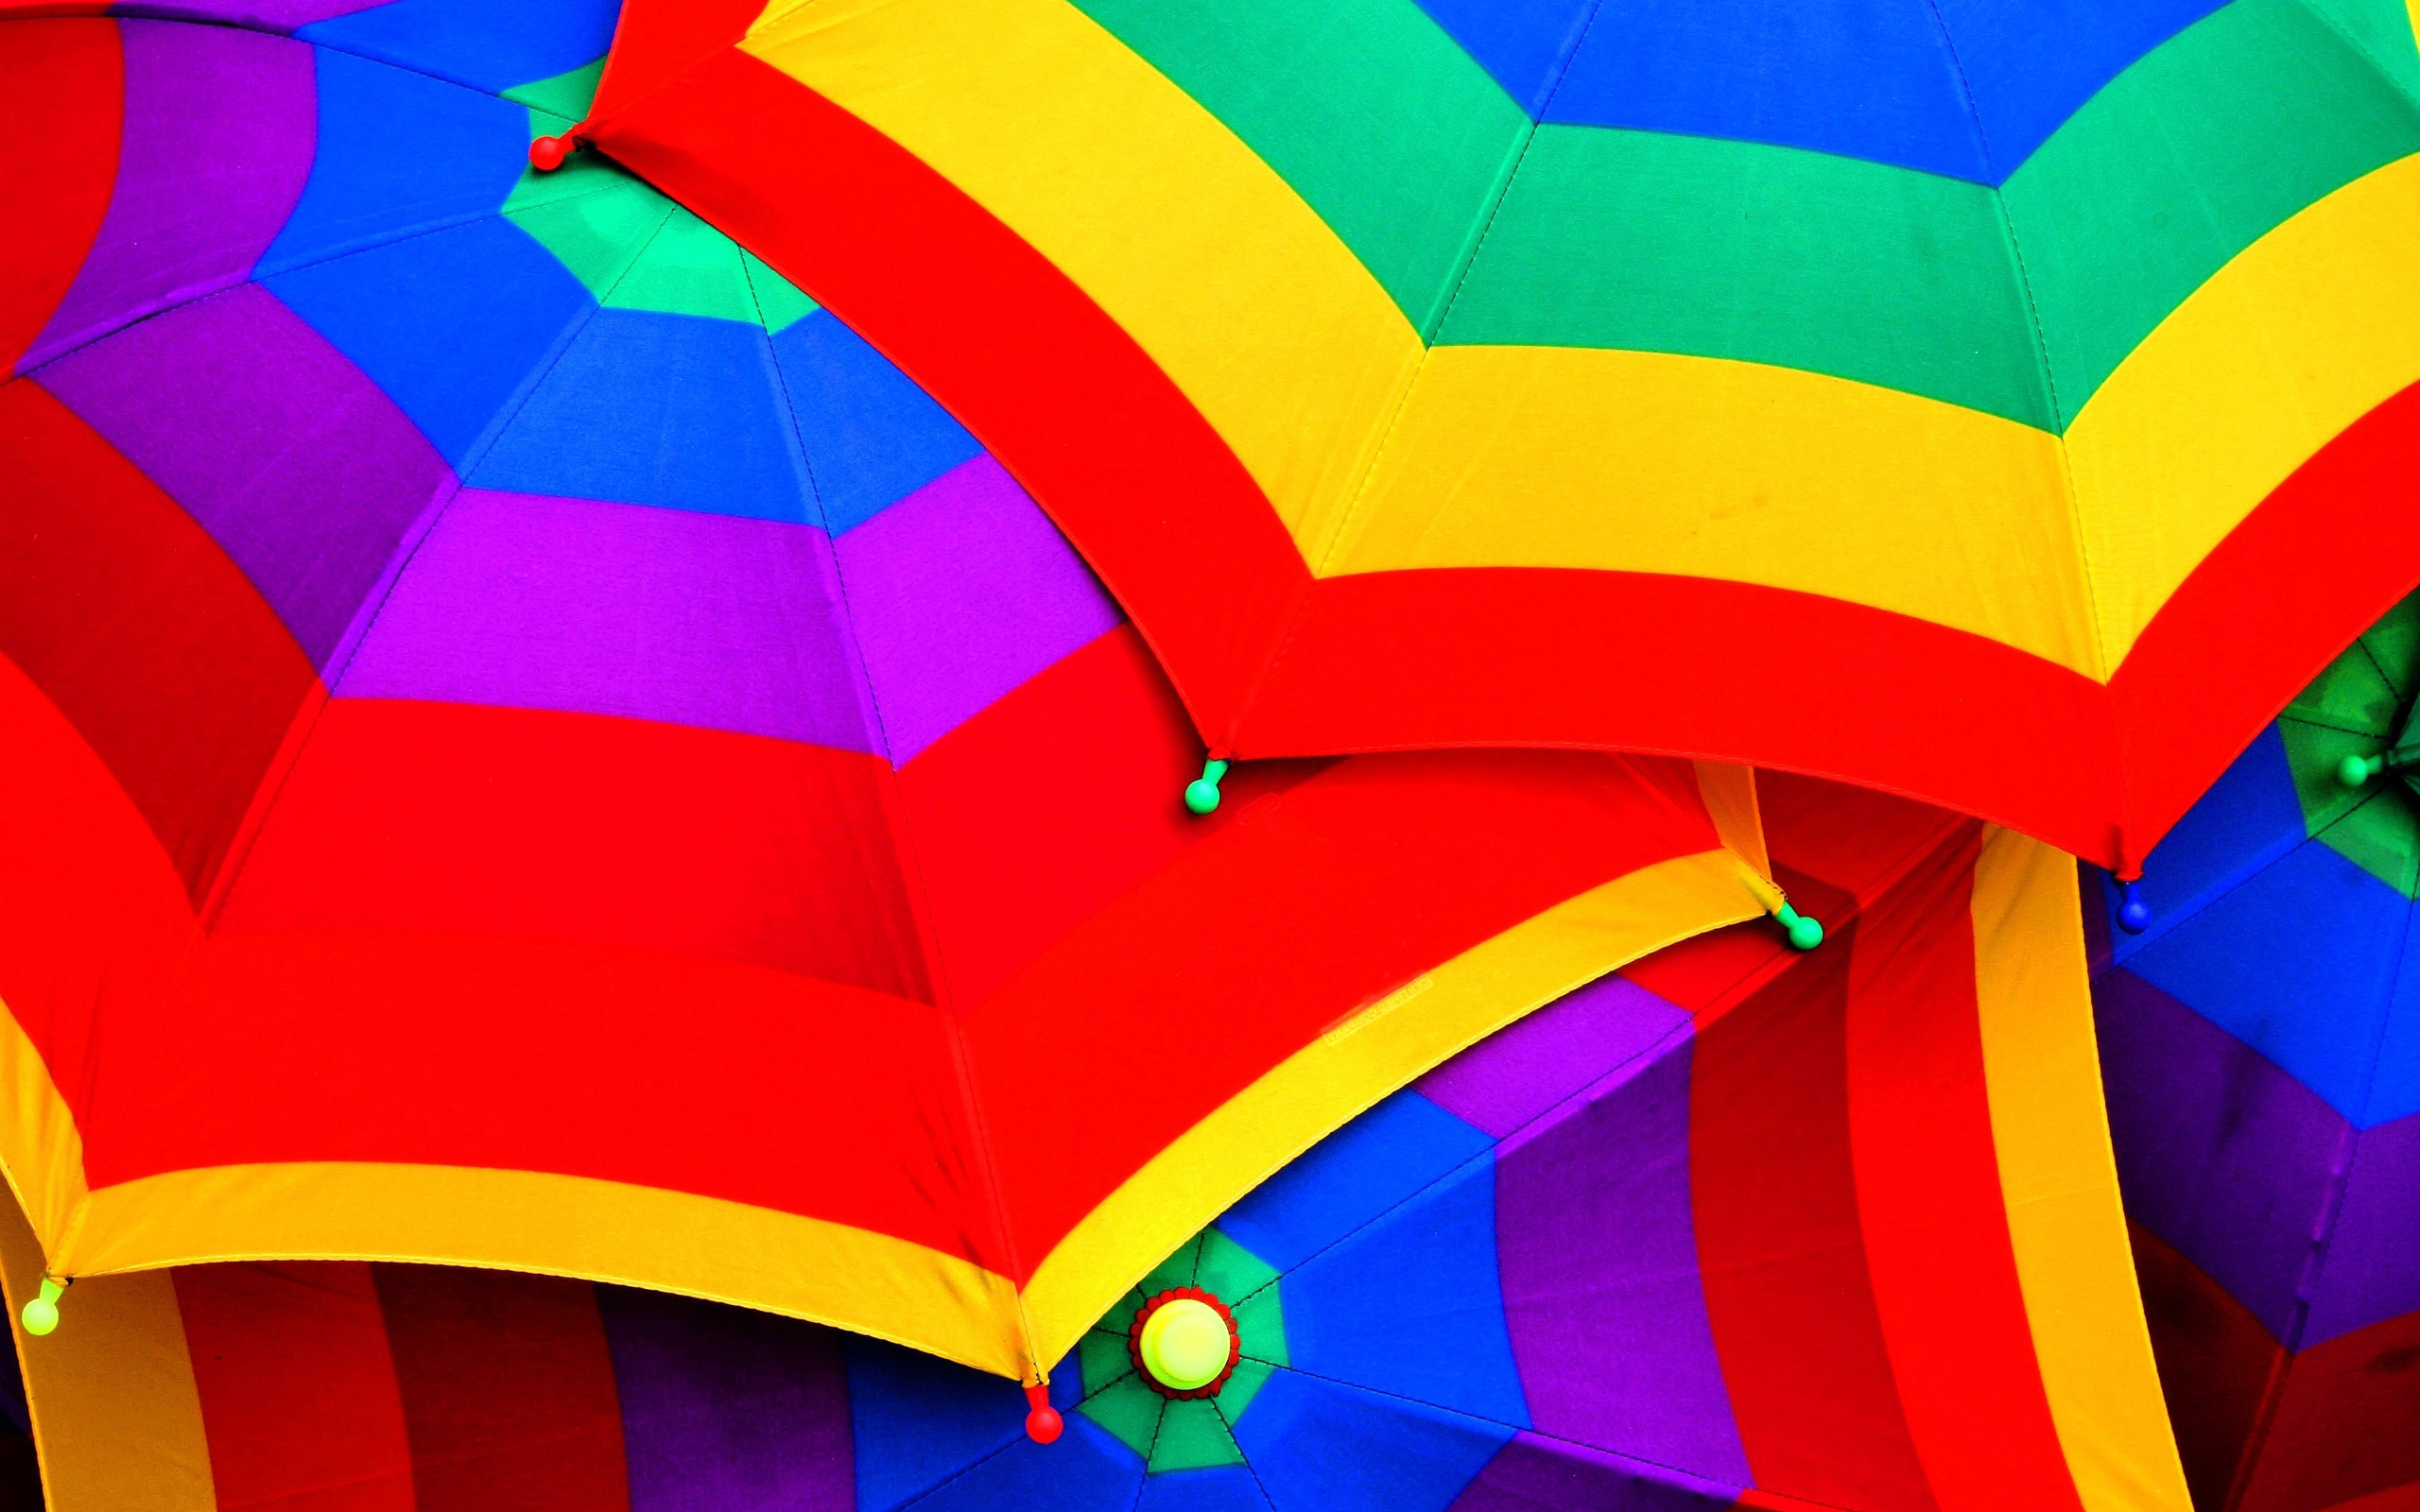 Сбор заказов.Зонты на любой вкус для всей семьи - сделай весну стильной, яркой и незабываемой-7!Женские, мужские, подростковые, детские!Самые крутые расцветки!Есть мини зонтики и проявлялки!